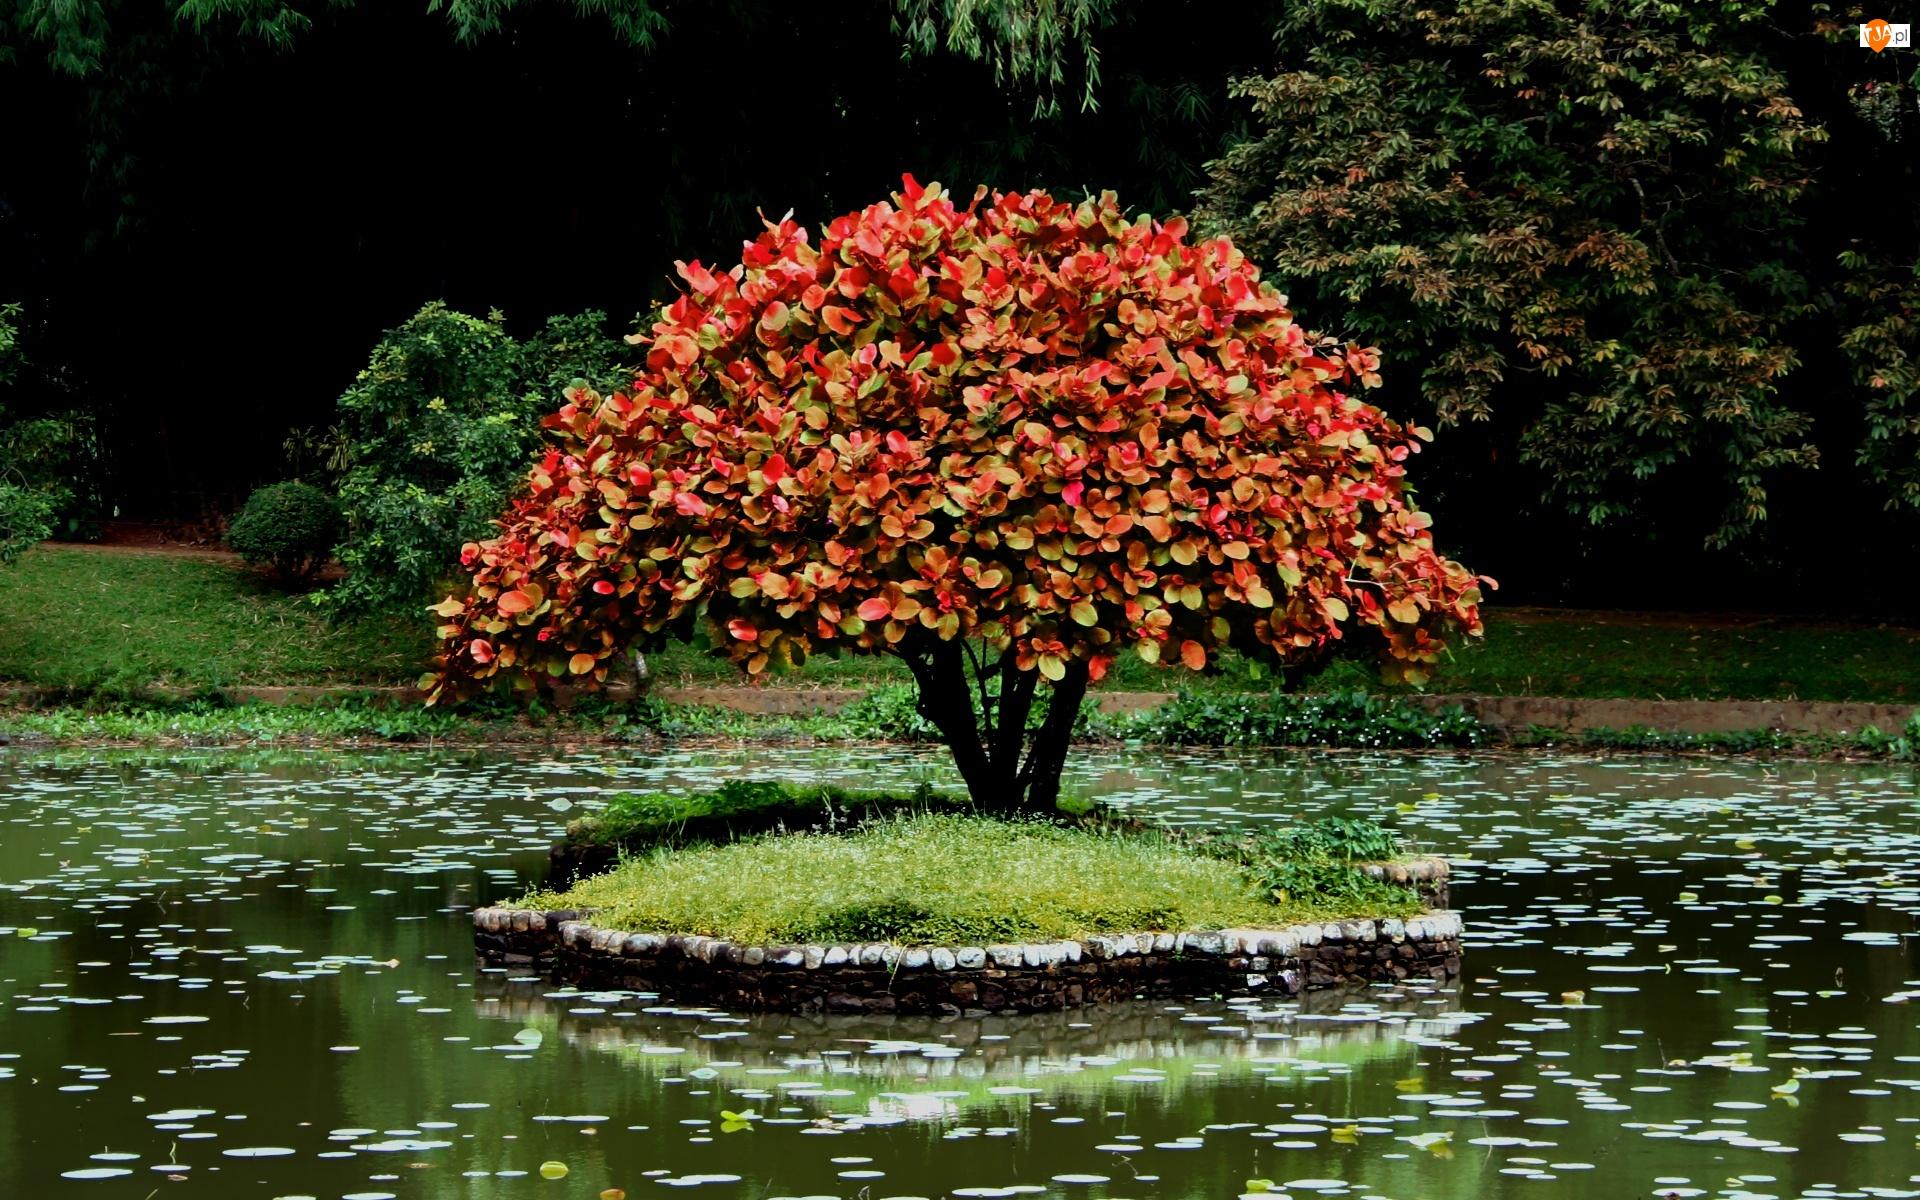 Drzewko Bonsai, Park, Wysepka